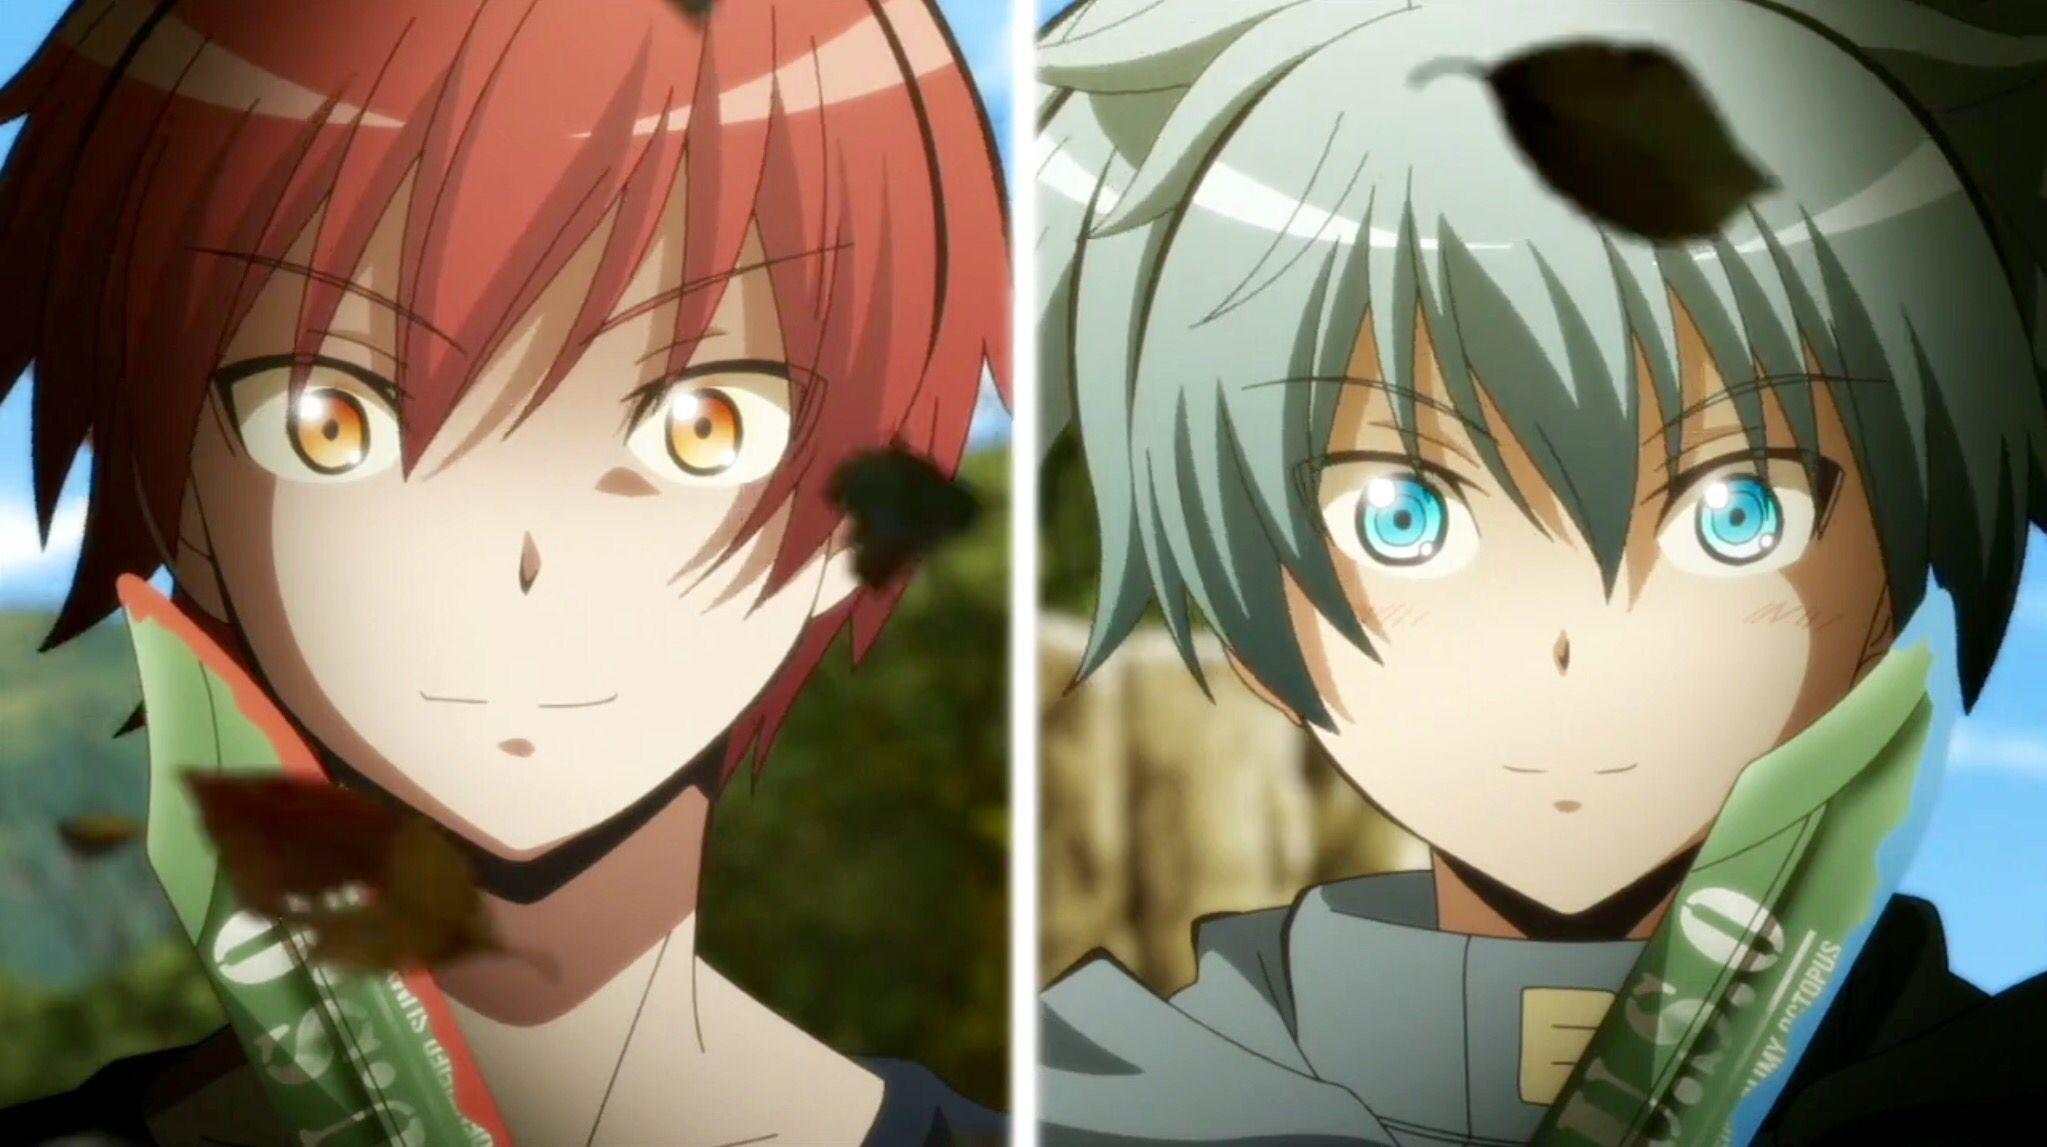 Ansatsu Kyoushitsu Assassinatiom Classroom Akabanekarma Shiotanagisa This Part Was Epic I Really Love Theeem S2 Anime Assassination Classroom Assassin